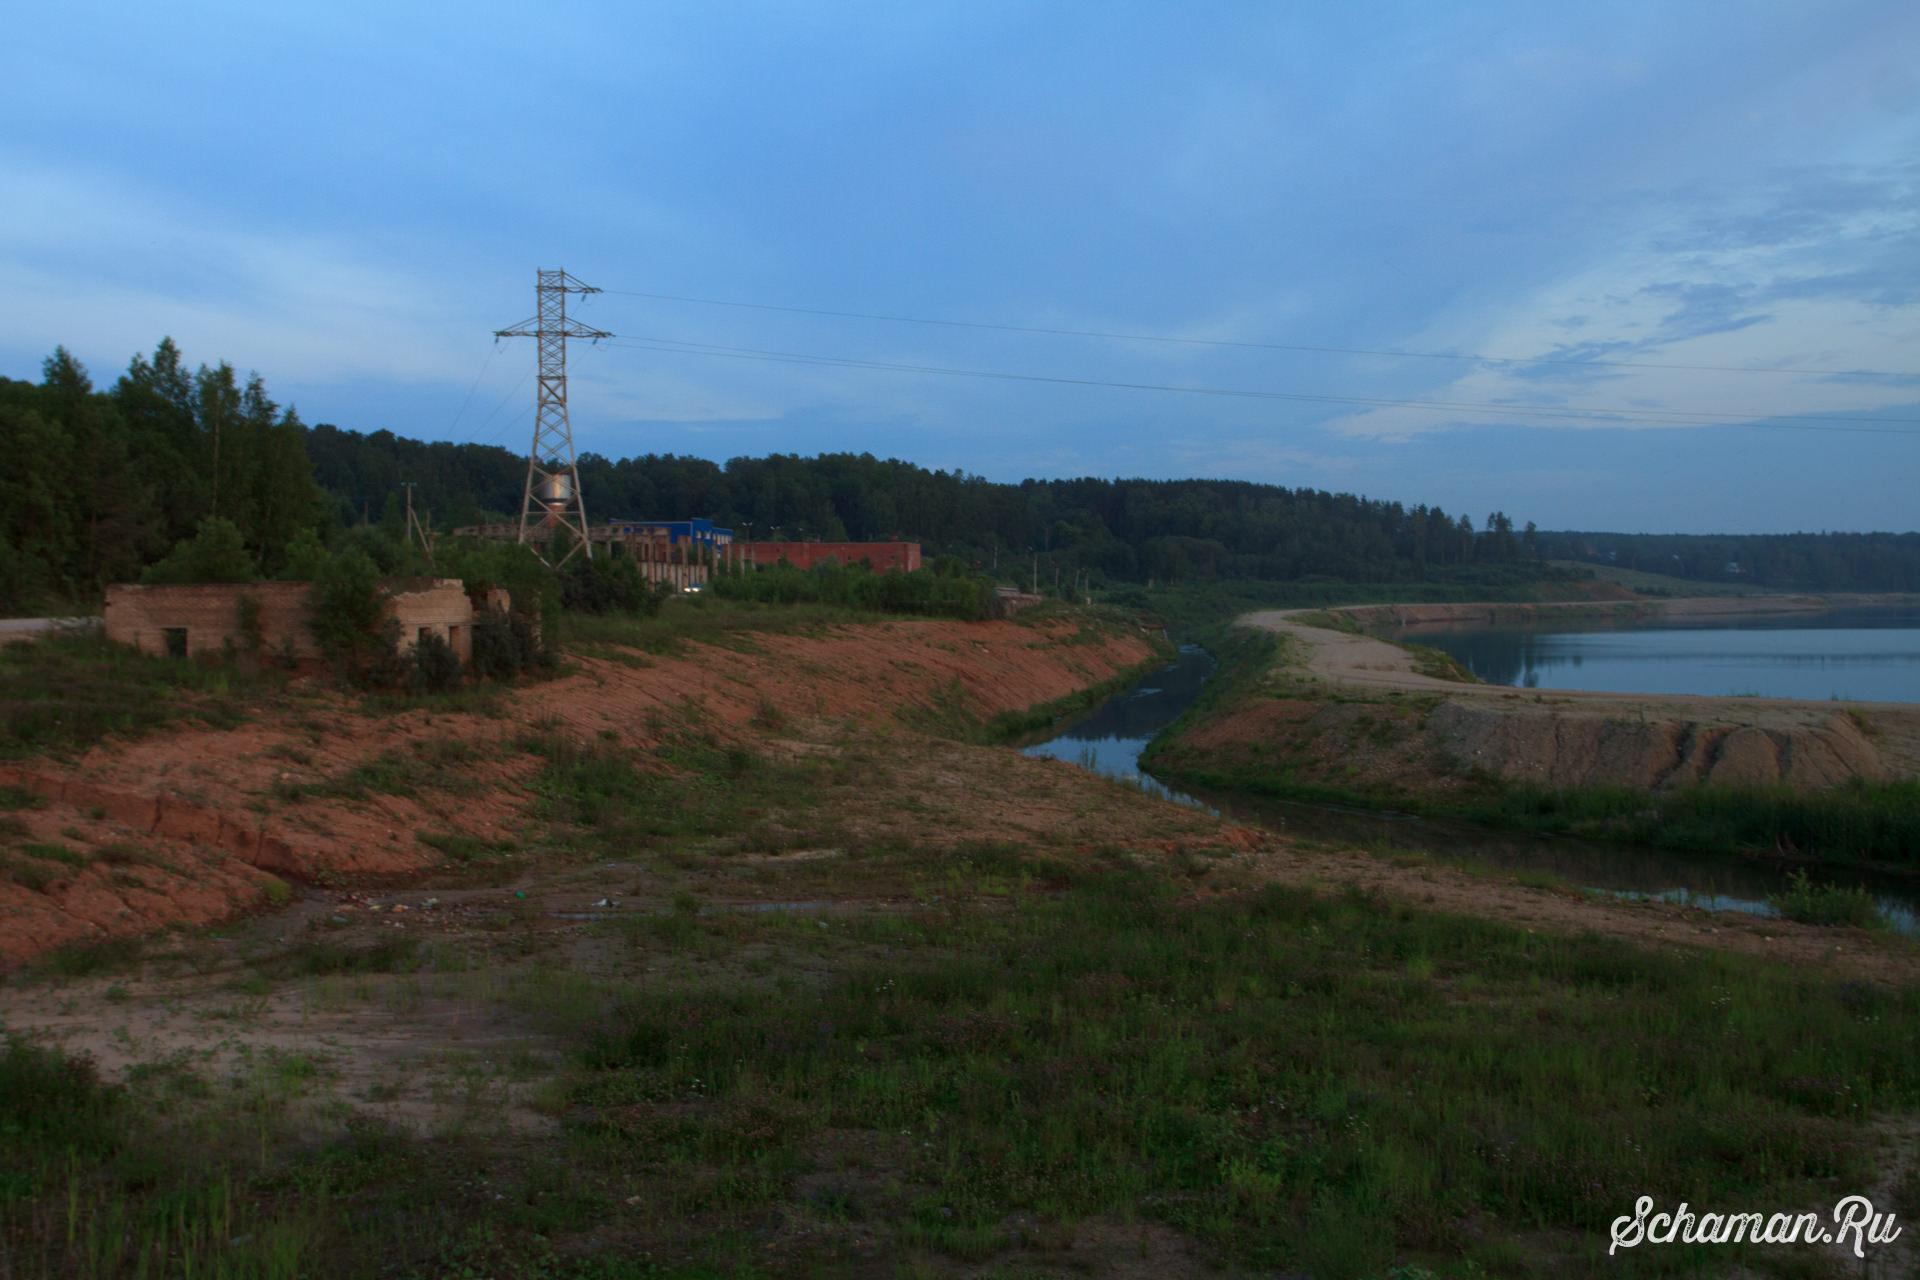 Краснозаводск. Водохранилище ГАЭС-2